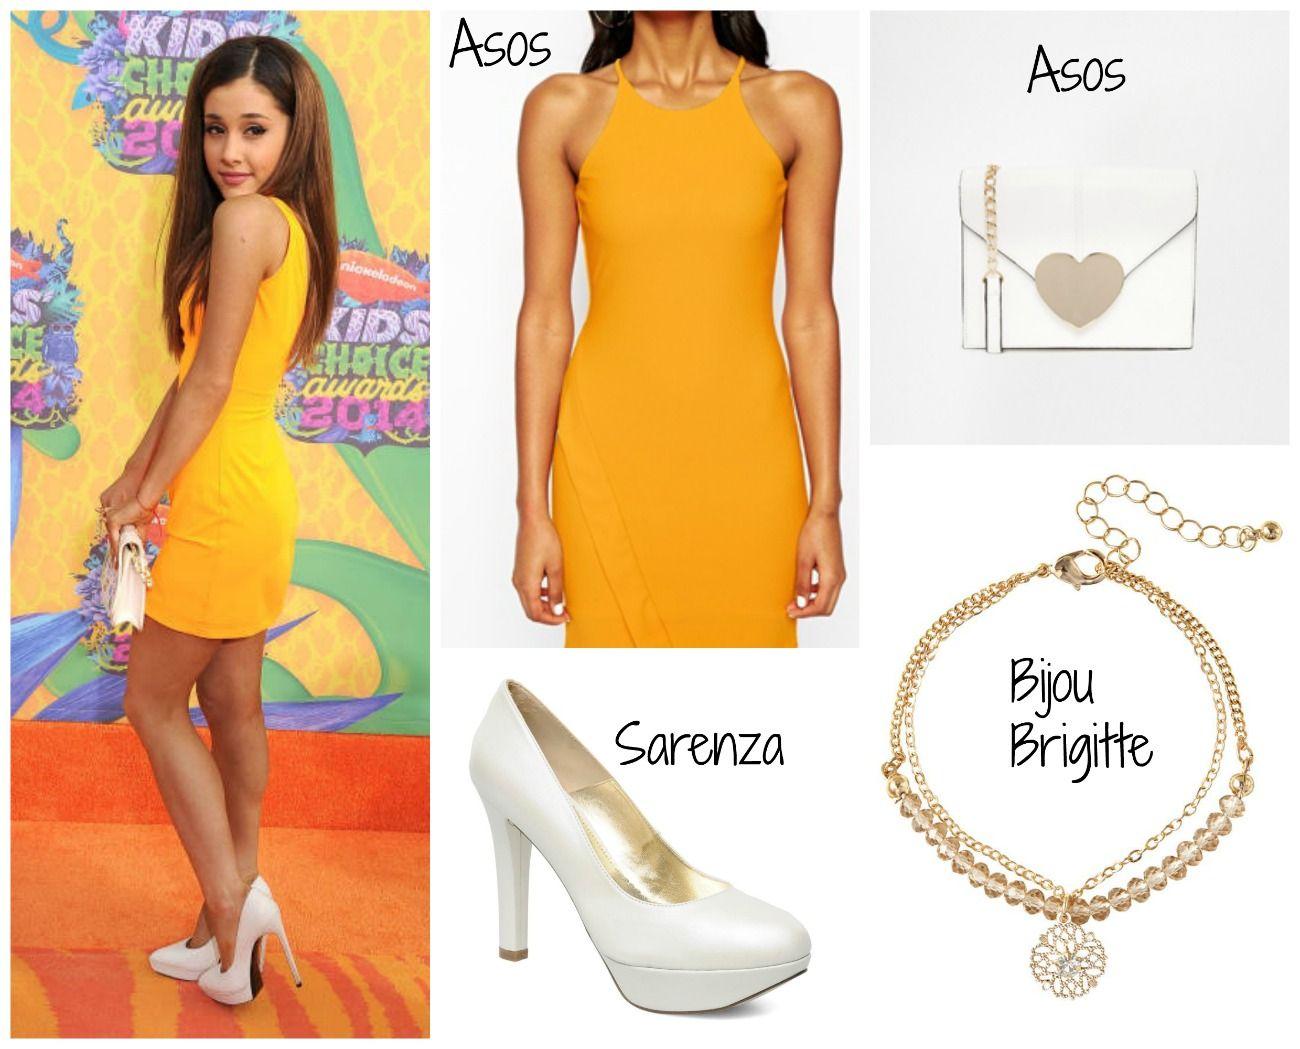 Copia il look: Ariana Grande